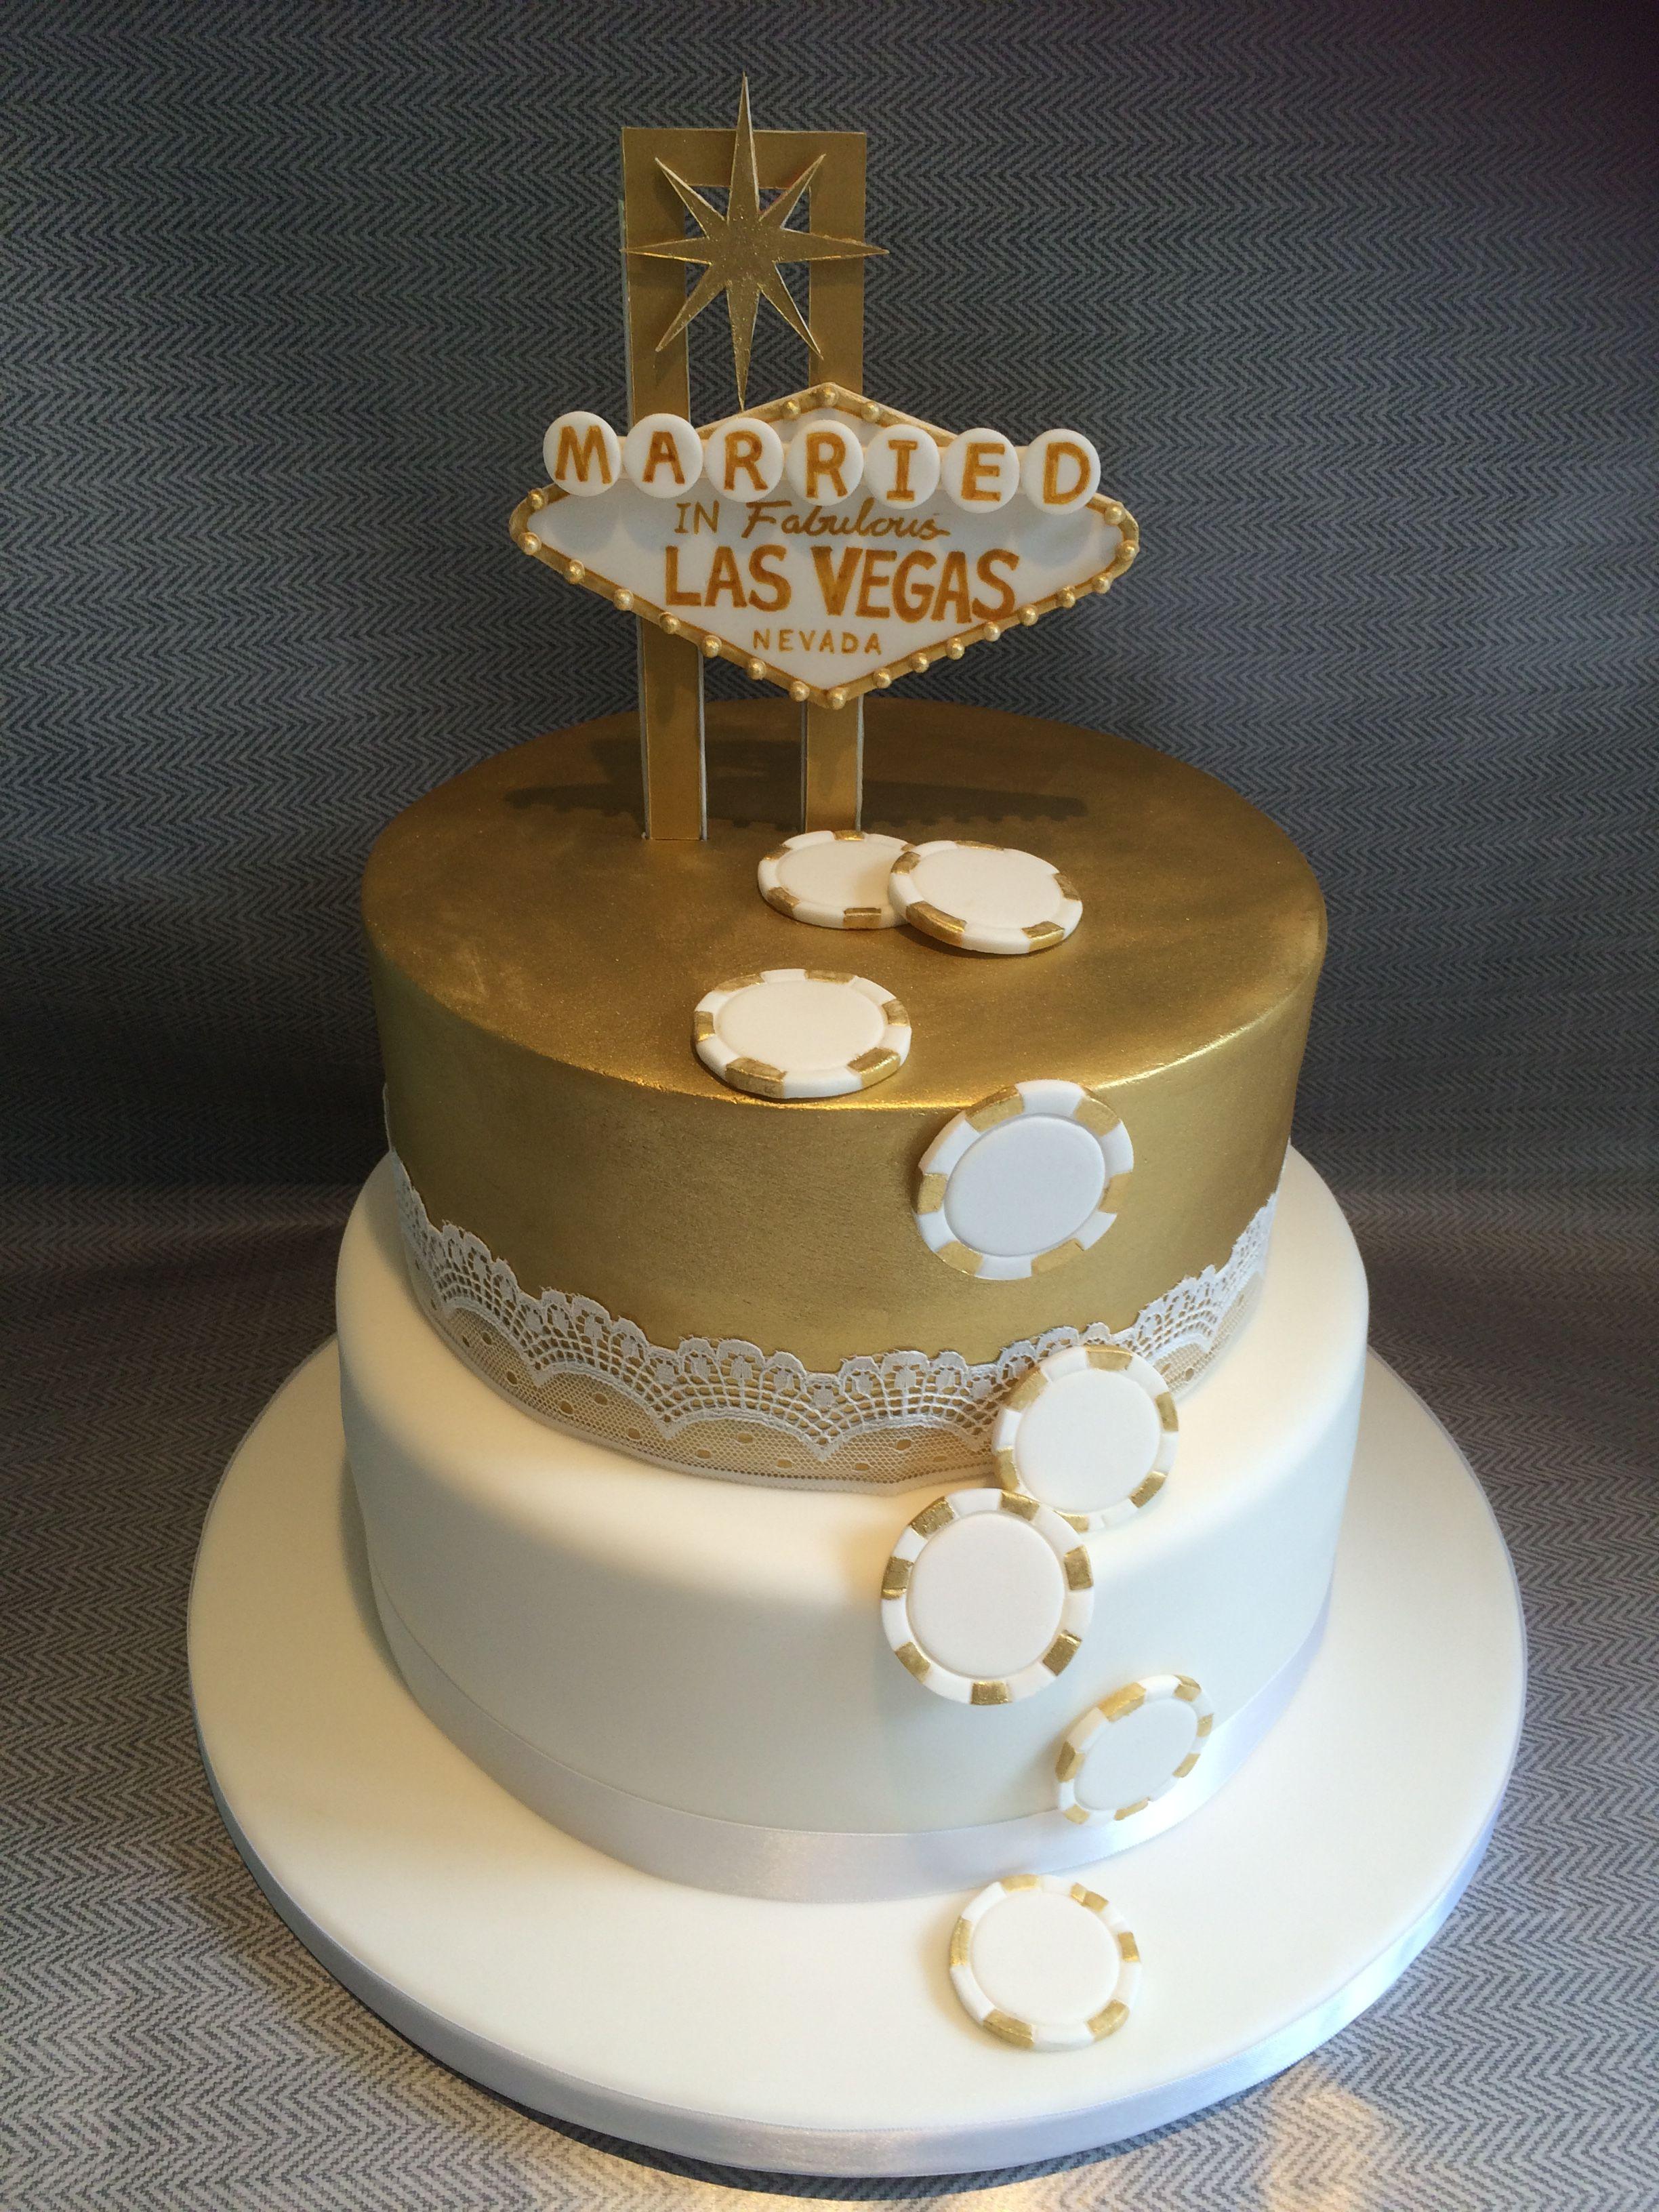 Gold & White Married in Las Vegas Cake Wedding Cake